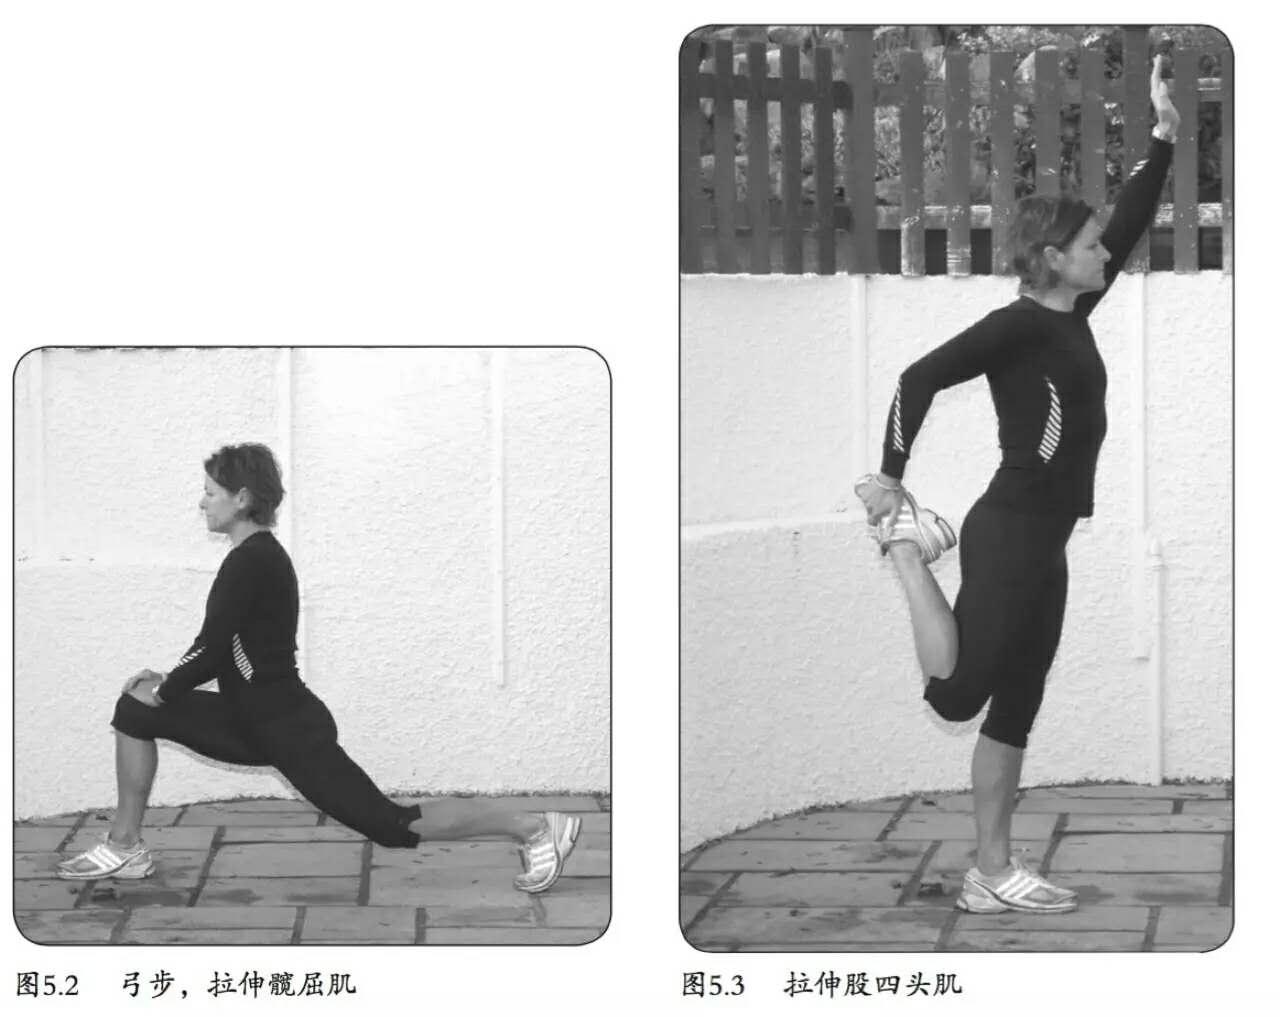 做侧弓步(图5.4),后脚并平放在地上,轻轻地弯曲前腿的膝盖,直到你感觉腿部内侧的肌肉得到拉伸,保持上半身直立不要往前倾。    第二种拉伸练习(图5.5a和图5.5b)不仅能拉伸内收肌,还能拉伸腘绳肌、髋部、骨盆以及下背部。这是非常有用的拉伸方式,跨栏运动员经常用这种方法练习。单脚站立,侧面朝向桌子,将靠近桌子的脚和膝盖放在桌子上,小腿和大腿呈90,就好比跨栏运动员跨越障碍栏杆时的样子。然后,向前弯腰,用手轻轻地触地,呼气放松。    训练要点: